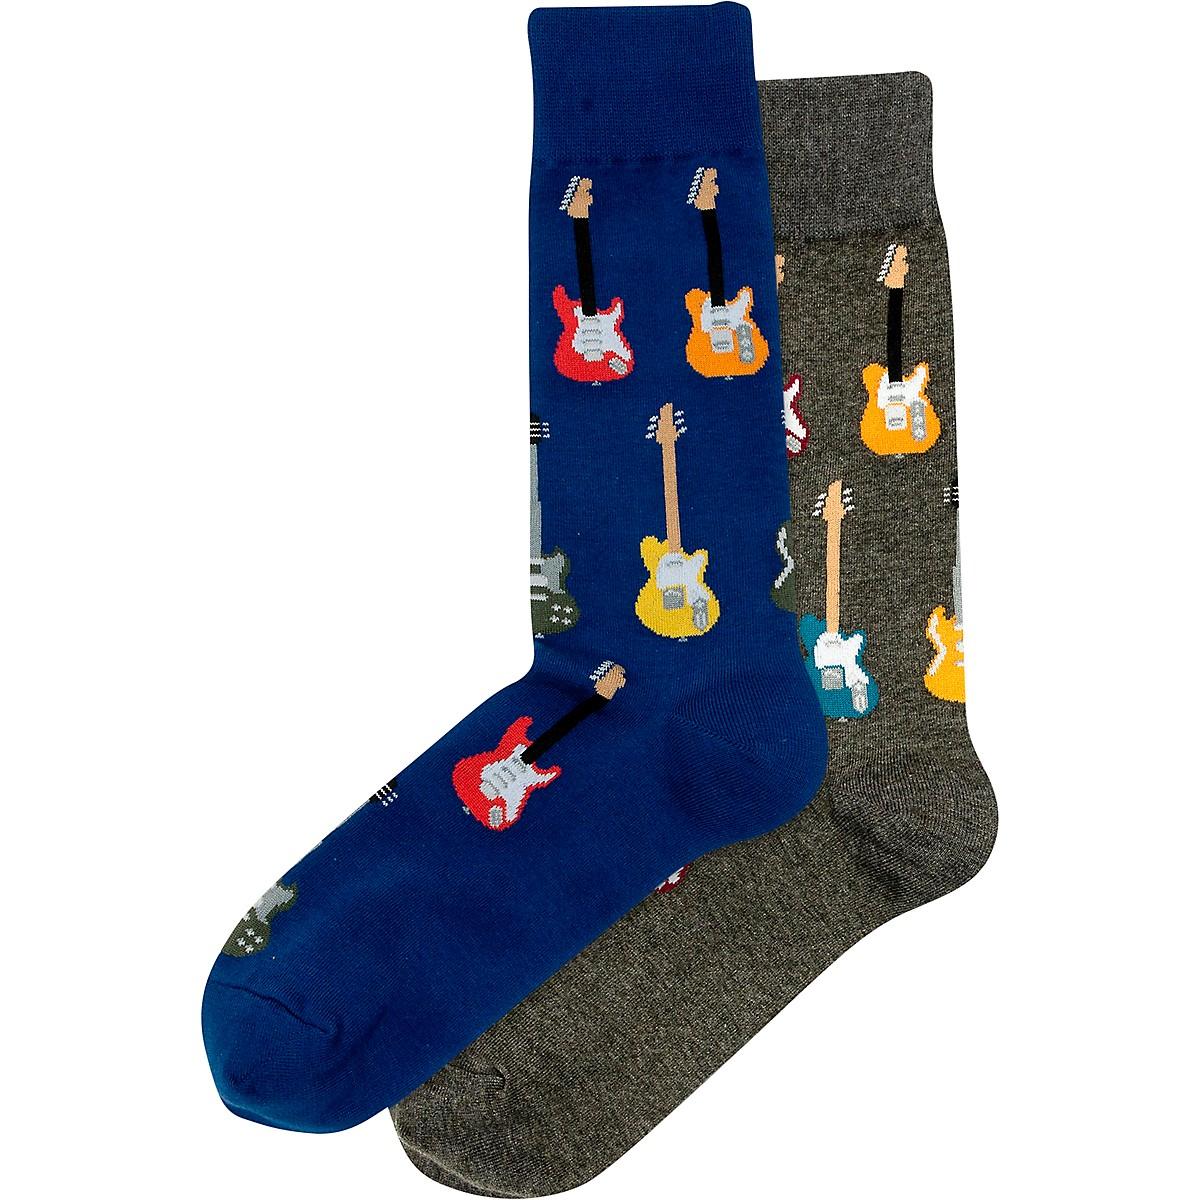 Hot Sox Guitars Crew Socks, 2 Pairs